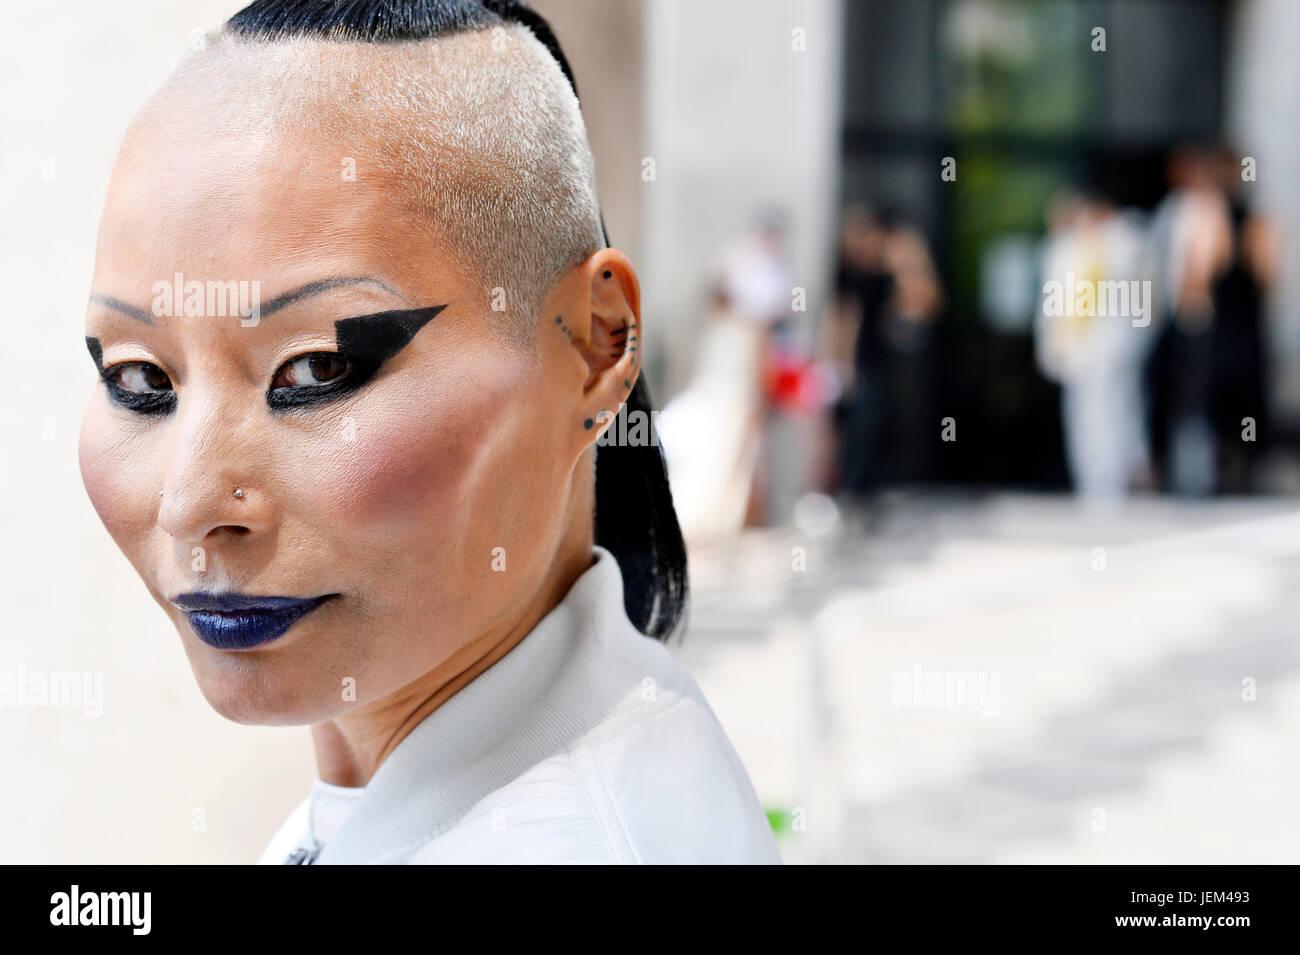 Lala Hwahwa en Rick Owens, el hombre de la Semana de la moda de París 2017-2018, Palais de Tokyo, Paris 16th, Francia Foto de stock